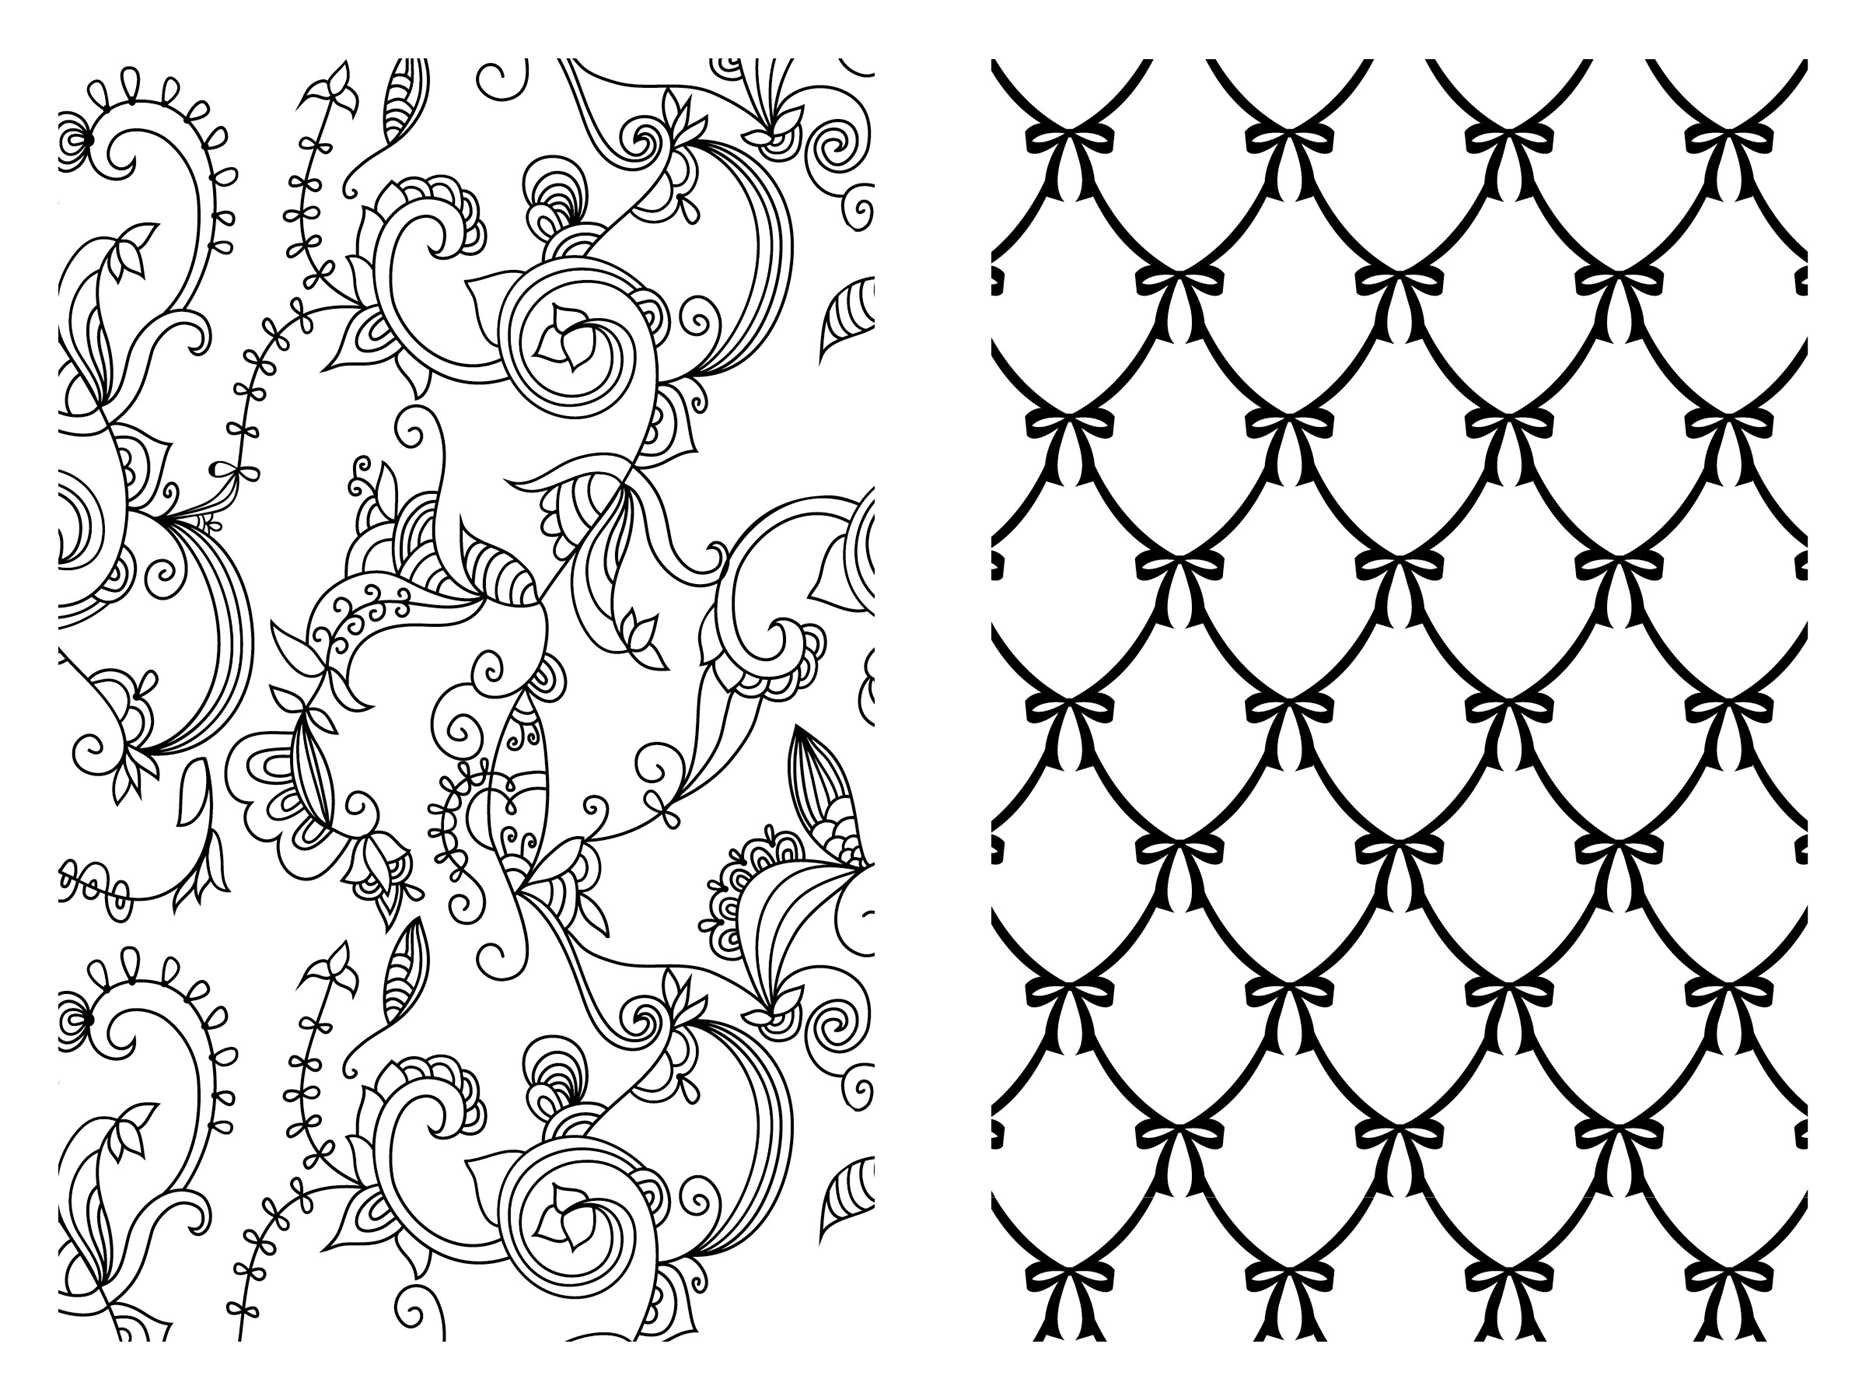 Amazon.com: Pocket Posh Adult Coloring Book: Pretty Designs for Fun ...